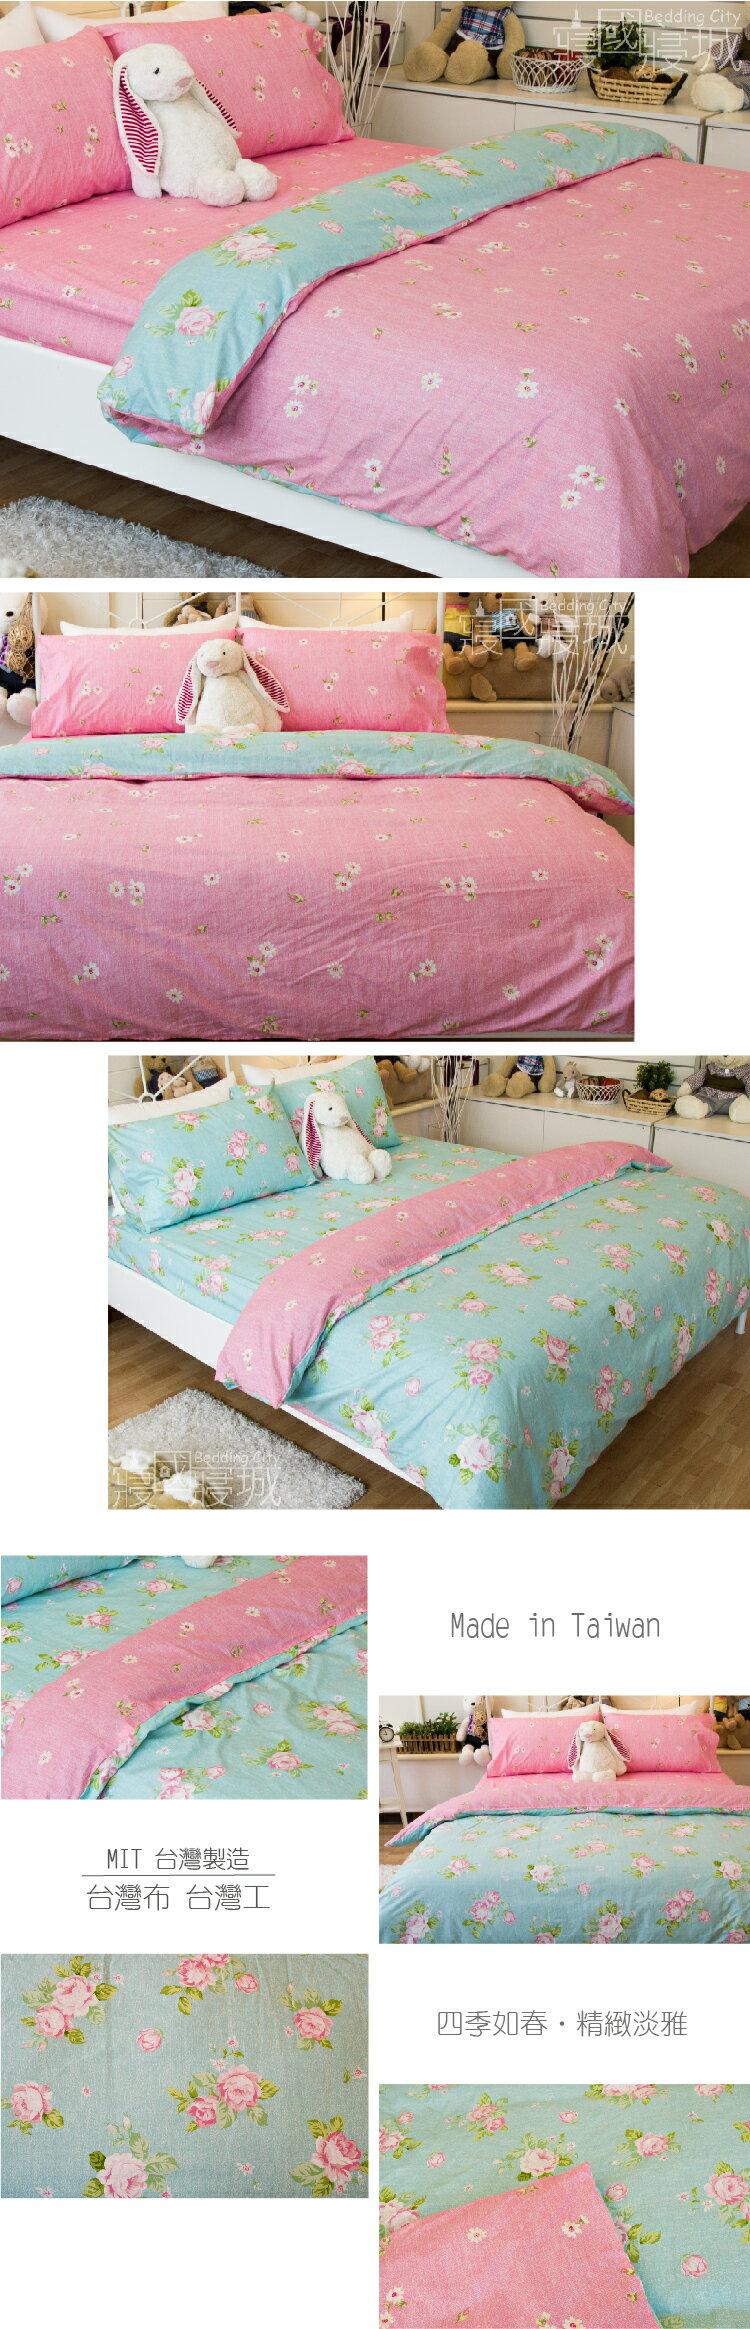 雙人床包+被套/100%精梳棉-多款花色可挑選【大鐘印染、台灣製造】 #精梳純綿 7